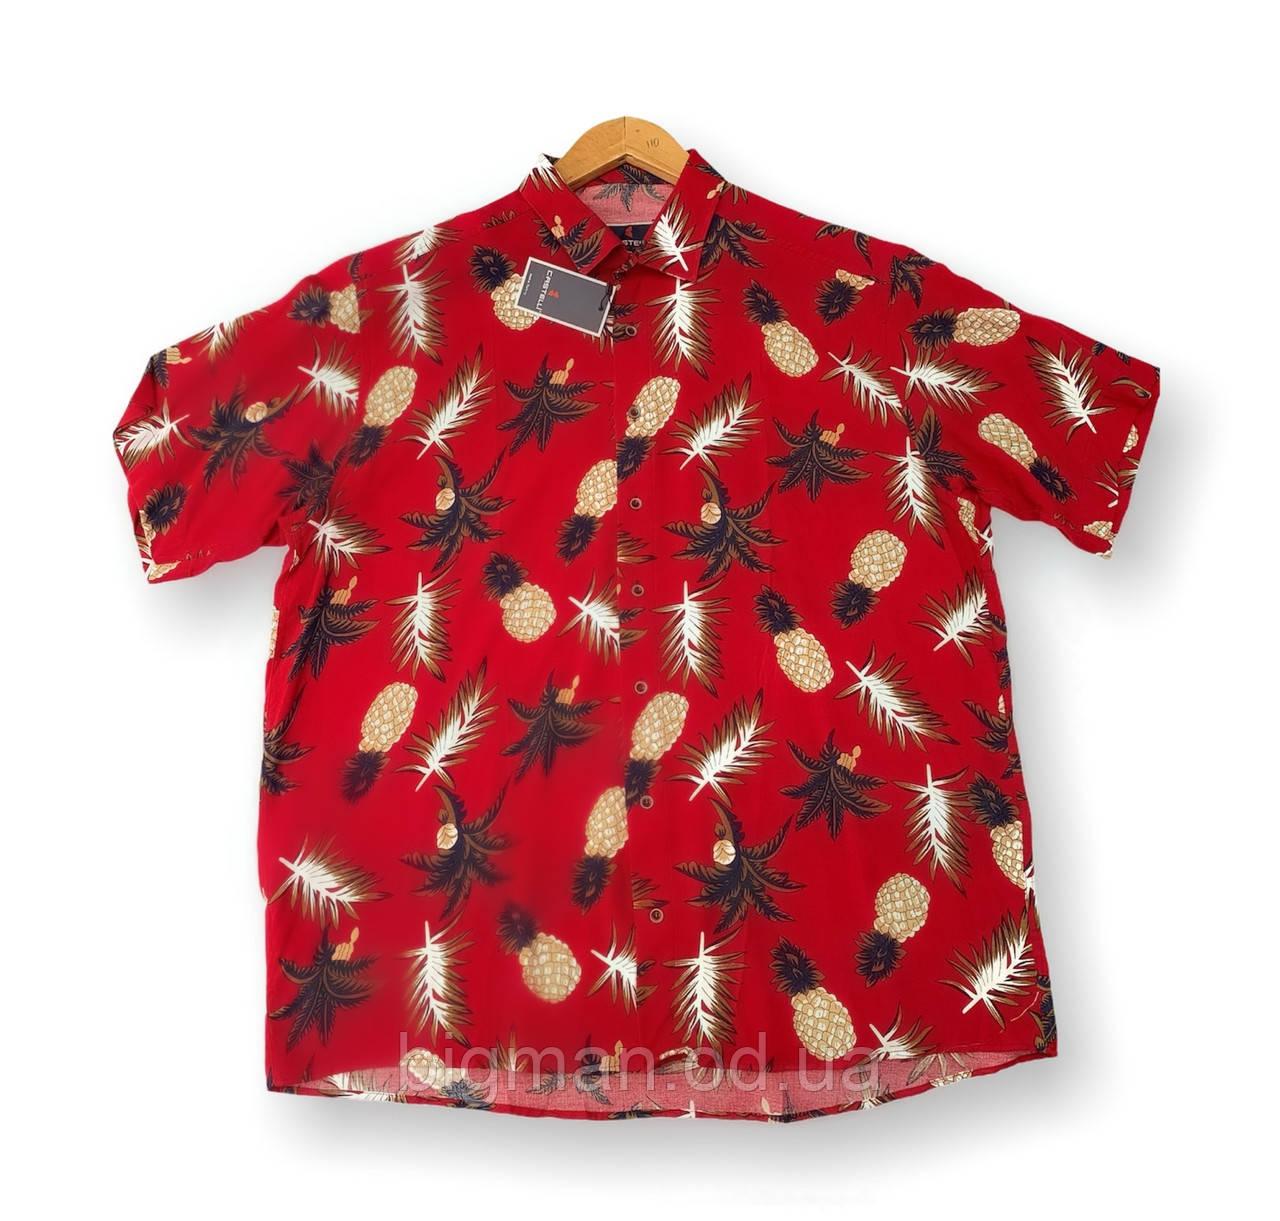 Чоловіча сорочка-гавайка з коротким рукавом батал червона великі розміри (2XL 3XL 4XL 5XL 6XL)Туреччина Castelli